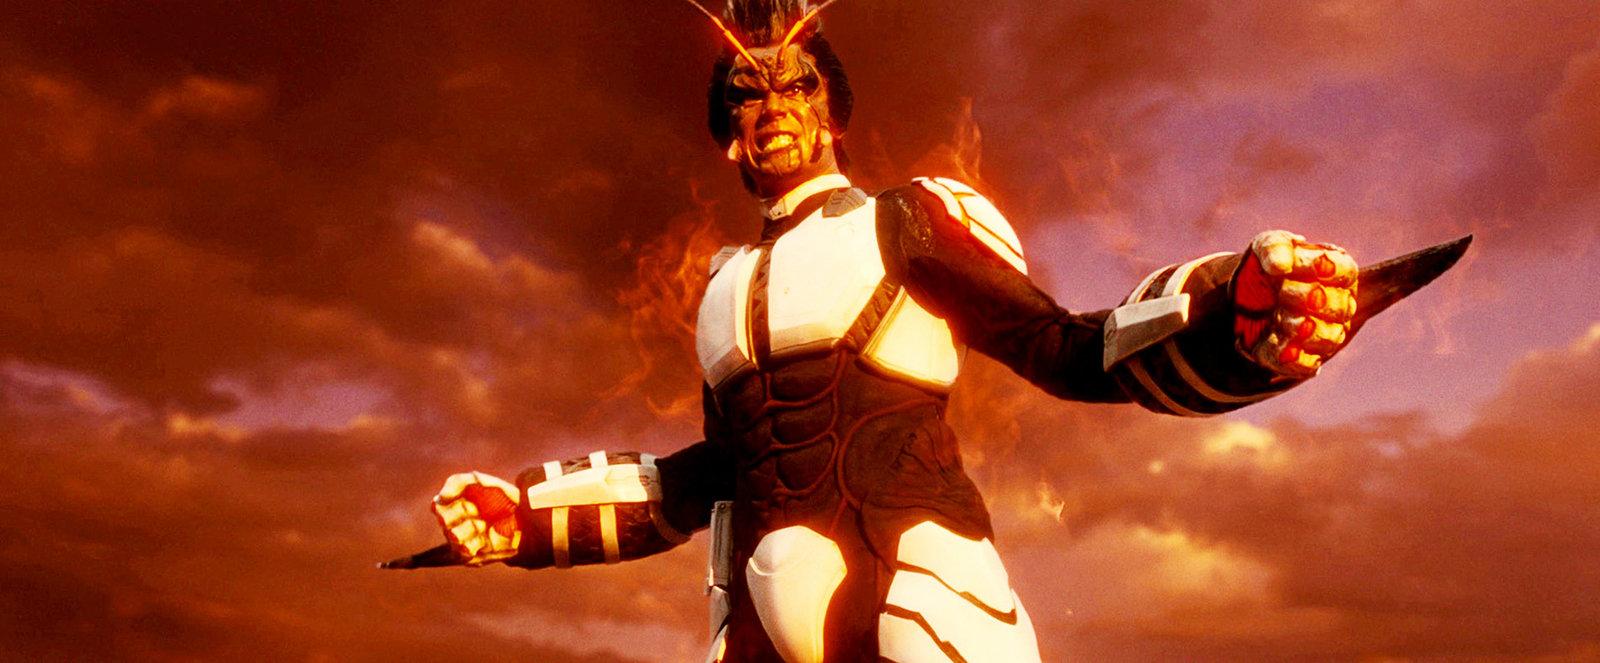 Shokichi Komachi (Hideaki Ito) auf dem Mars erwartet, ist ein wahrer Albtraum: Die Kakerlaken sind in der Zwischenzeit zu humanoiden Monstern mutiert, die ihren Lebensraum nicht so einfach aufgeben wollen und die Crew sofort angreifen. – Bild: Splendid